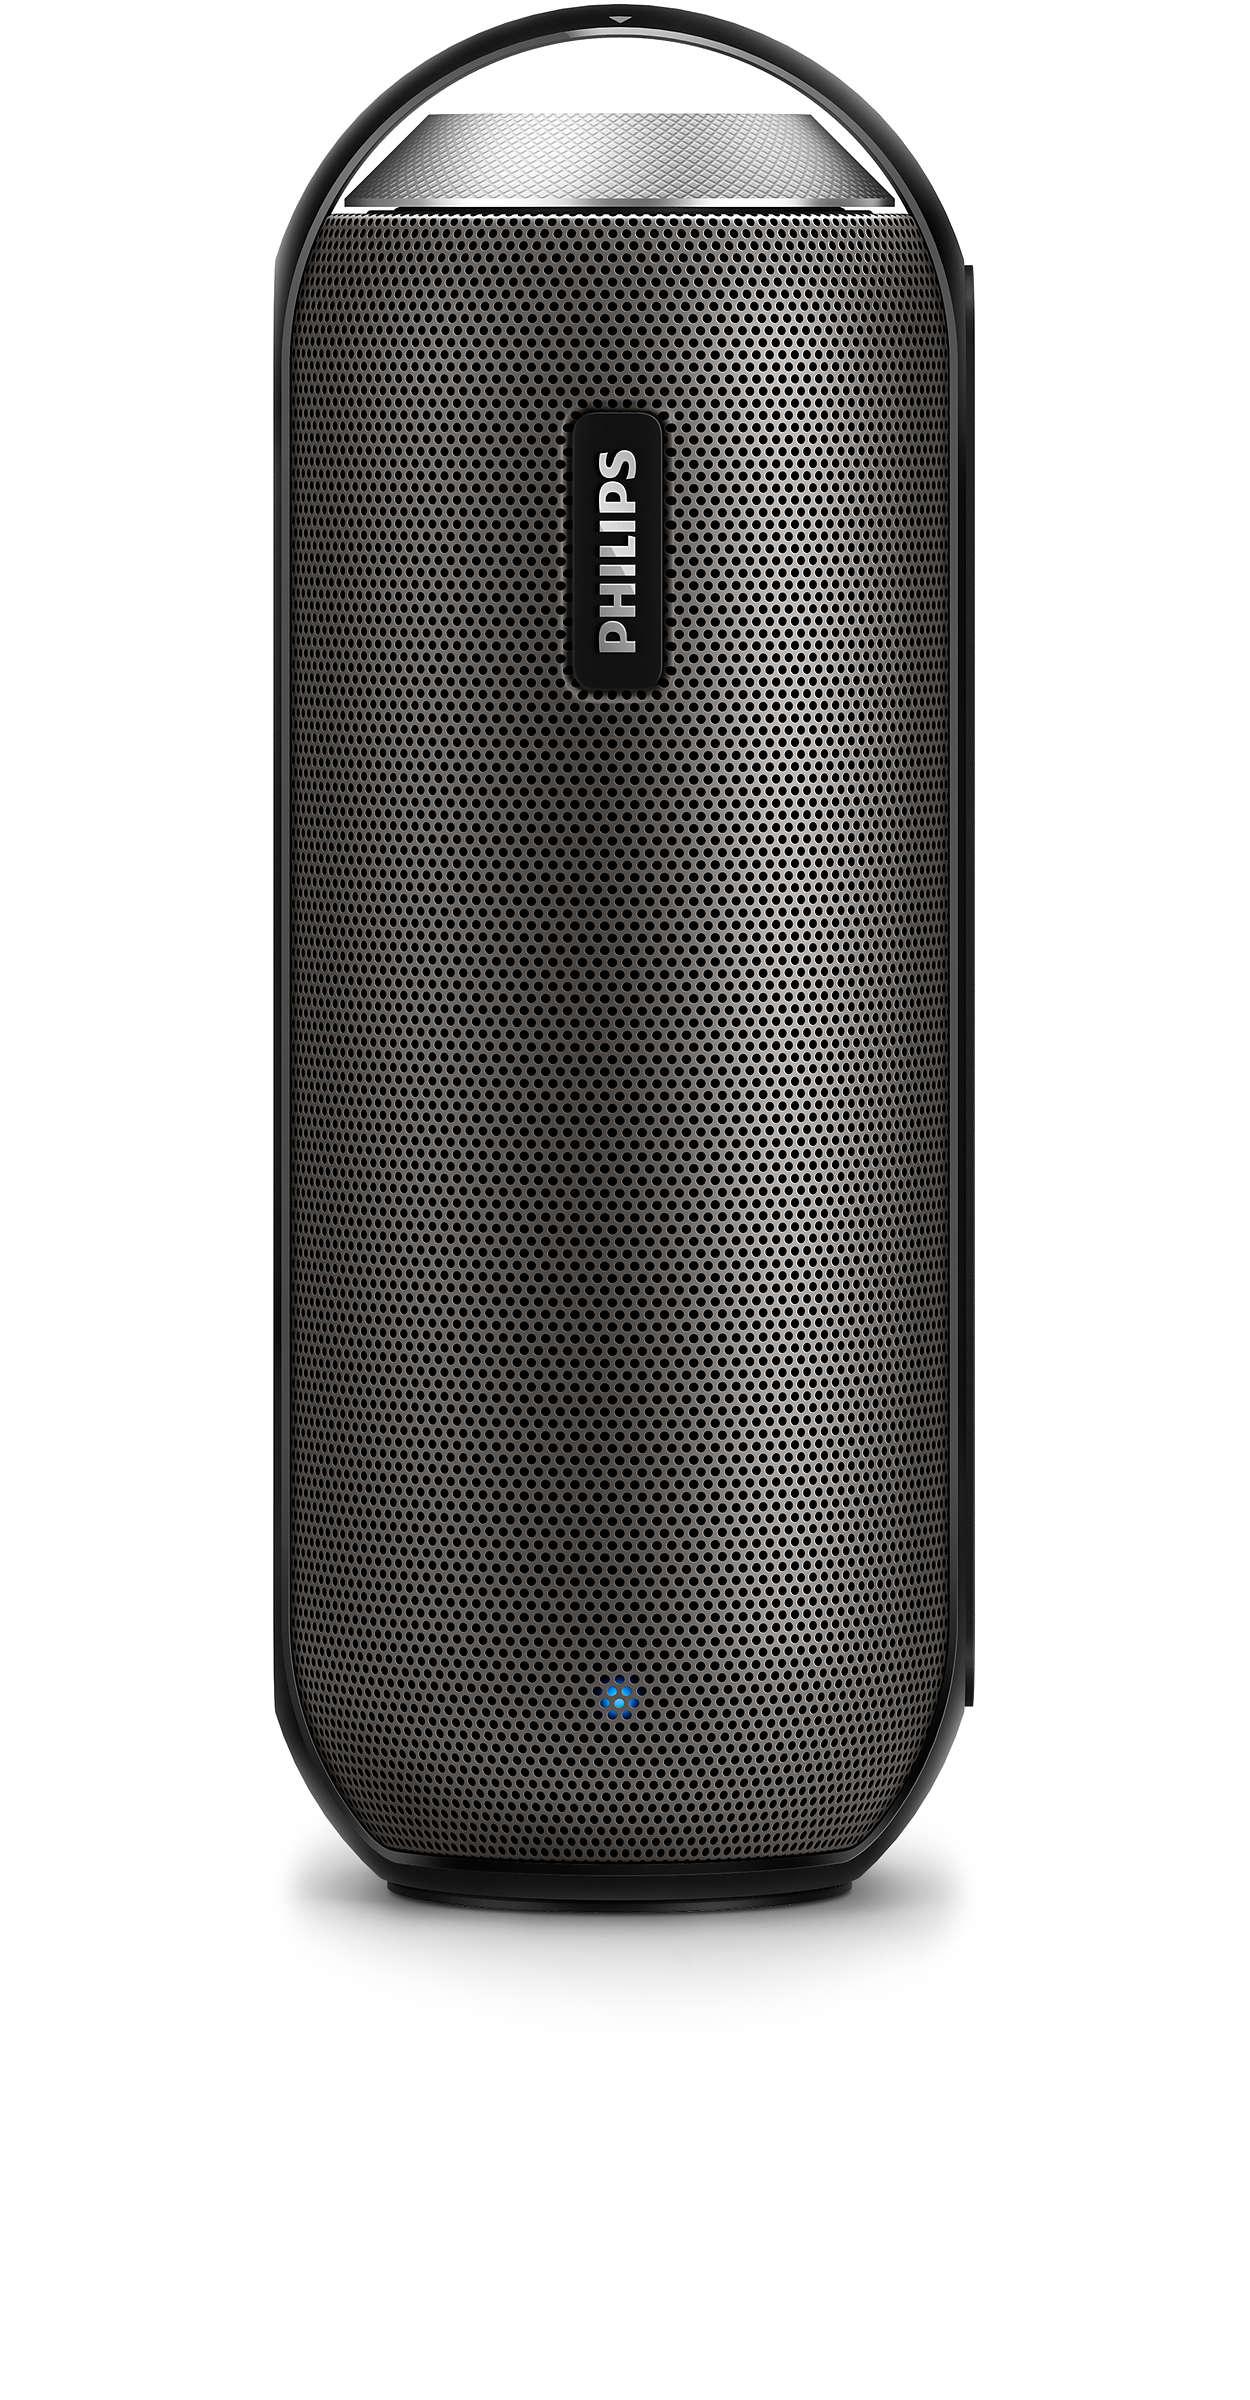 Tragbarer Kabelloser Lautsprecher Bt6000b 12 Philips